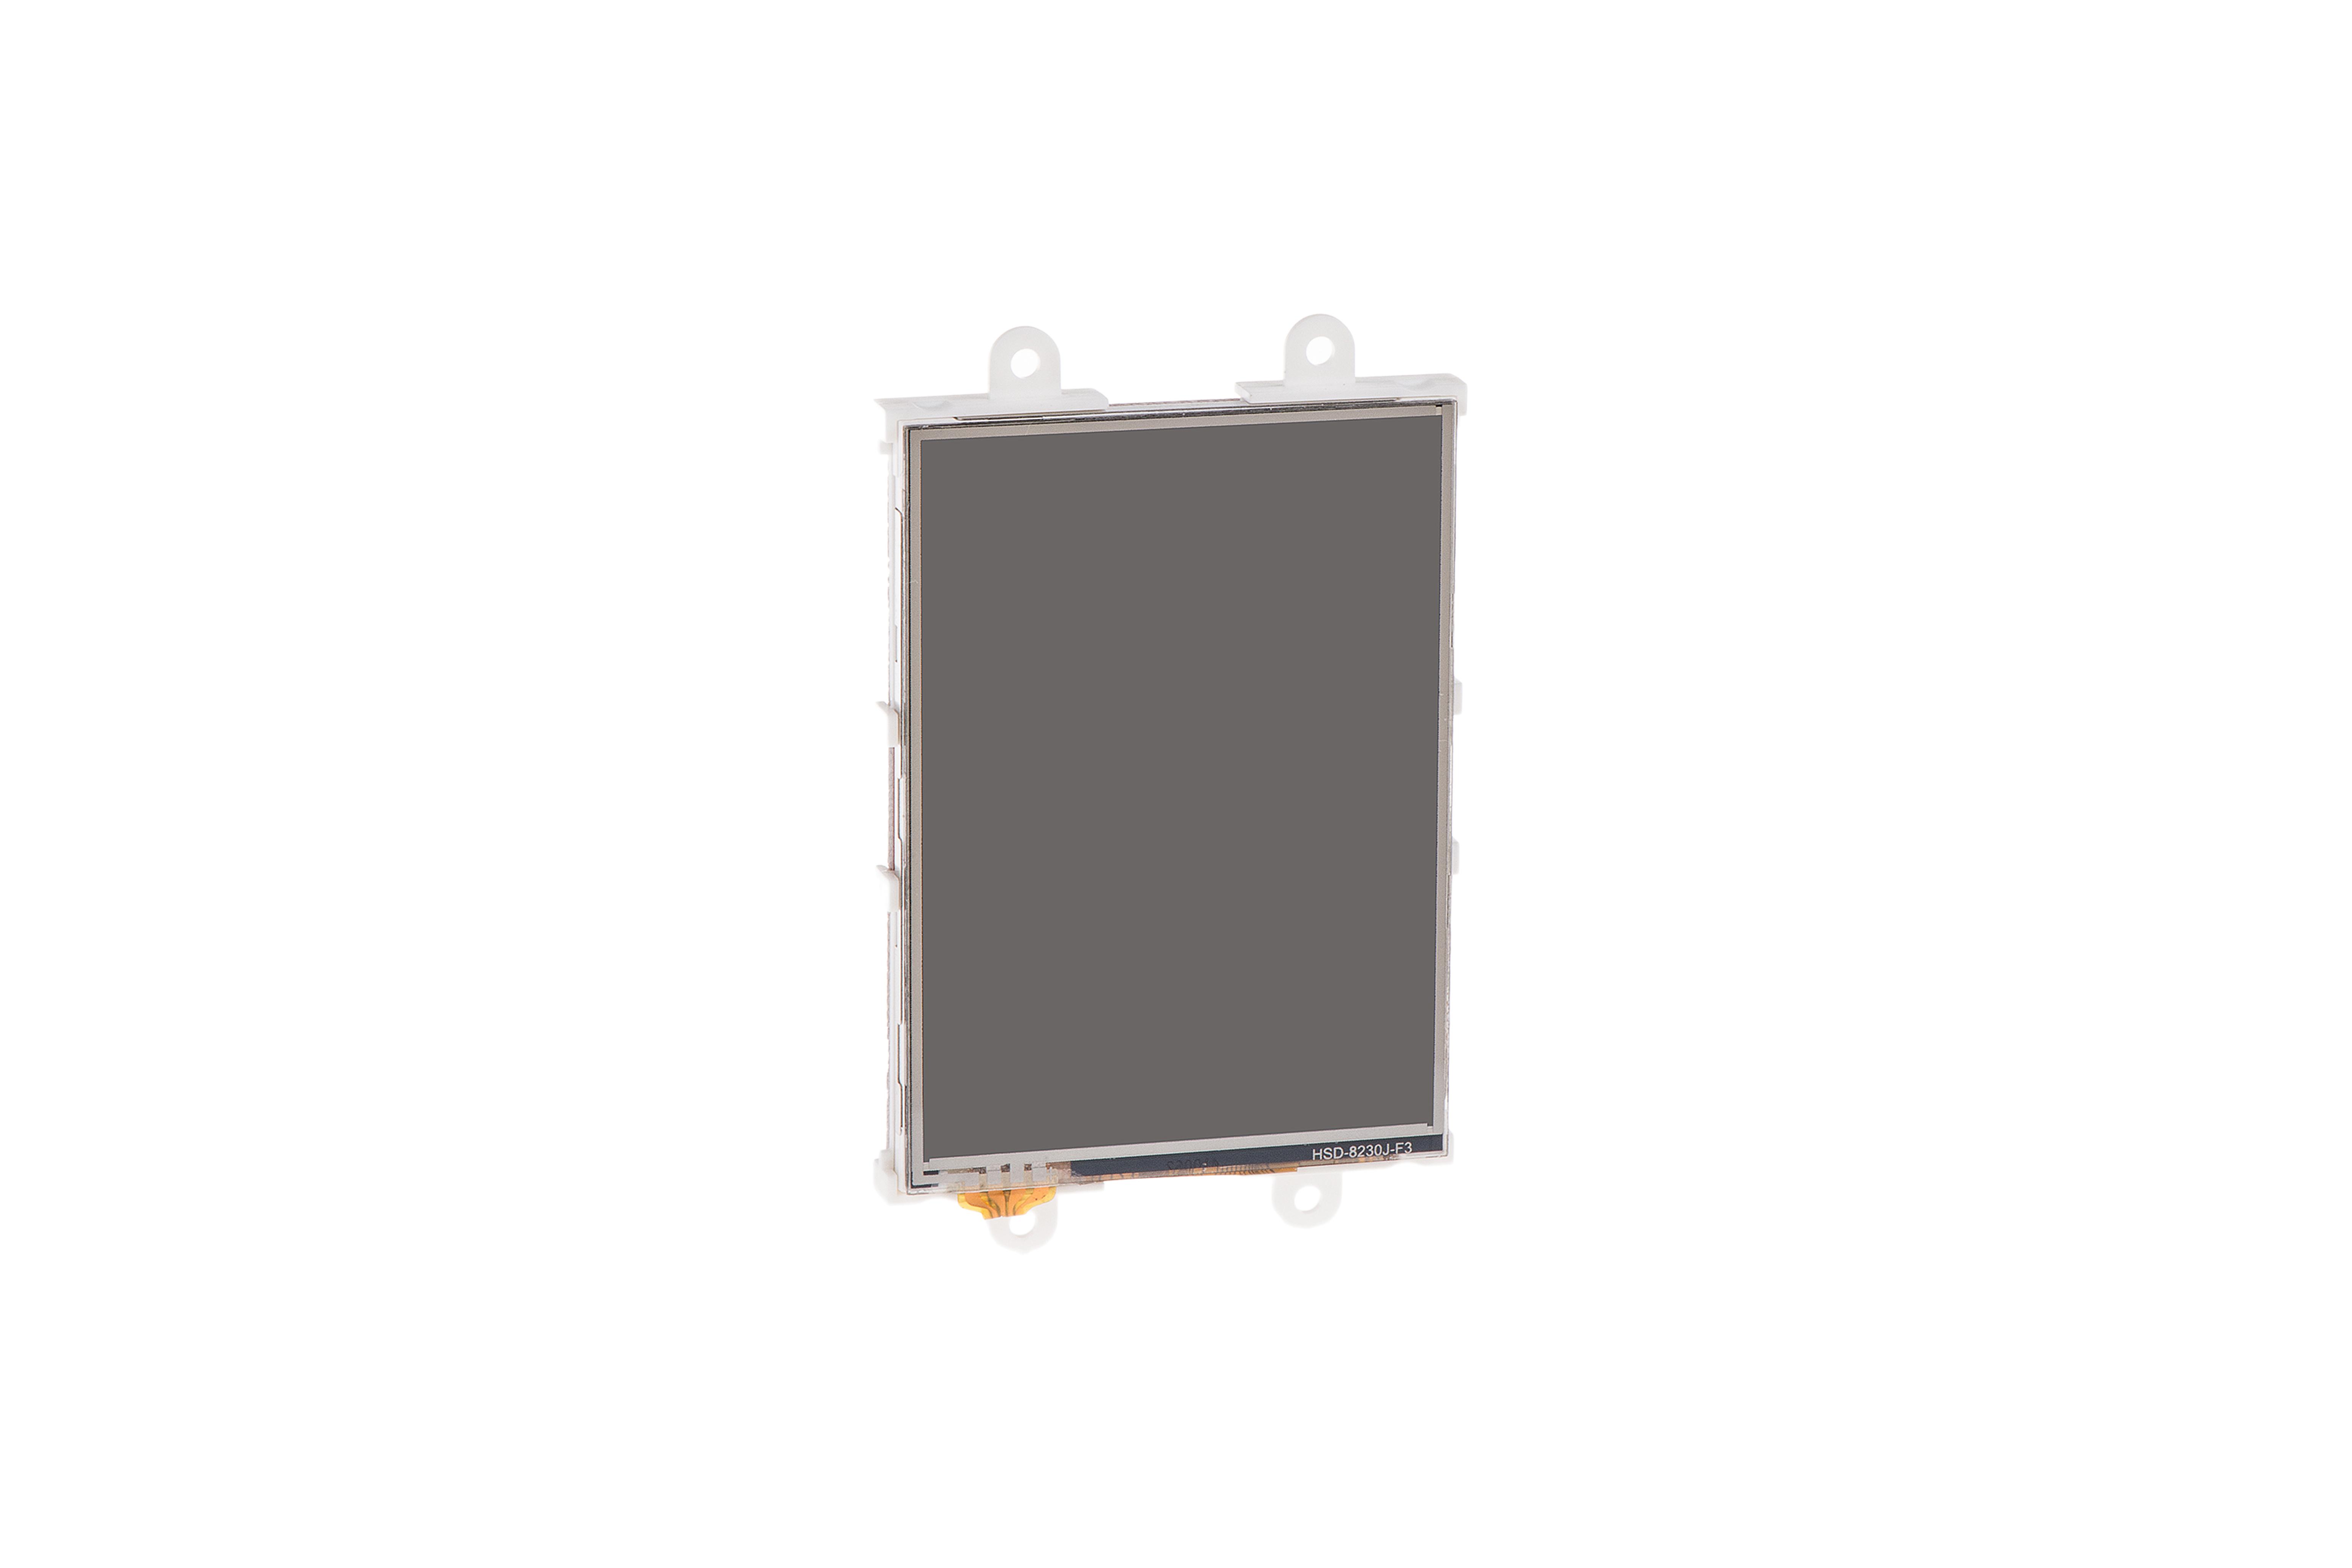 2.8インチ。 LCD Raspberry Pi(ラズベリーパイ)用 クイックスターターキット